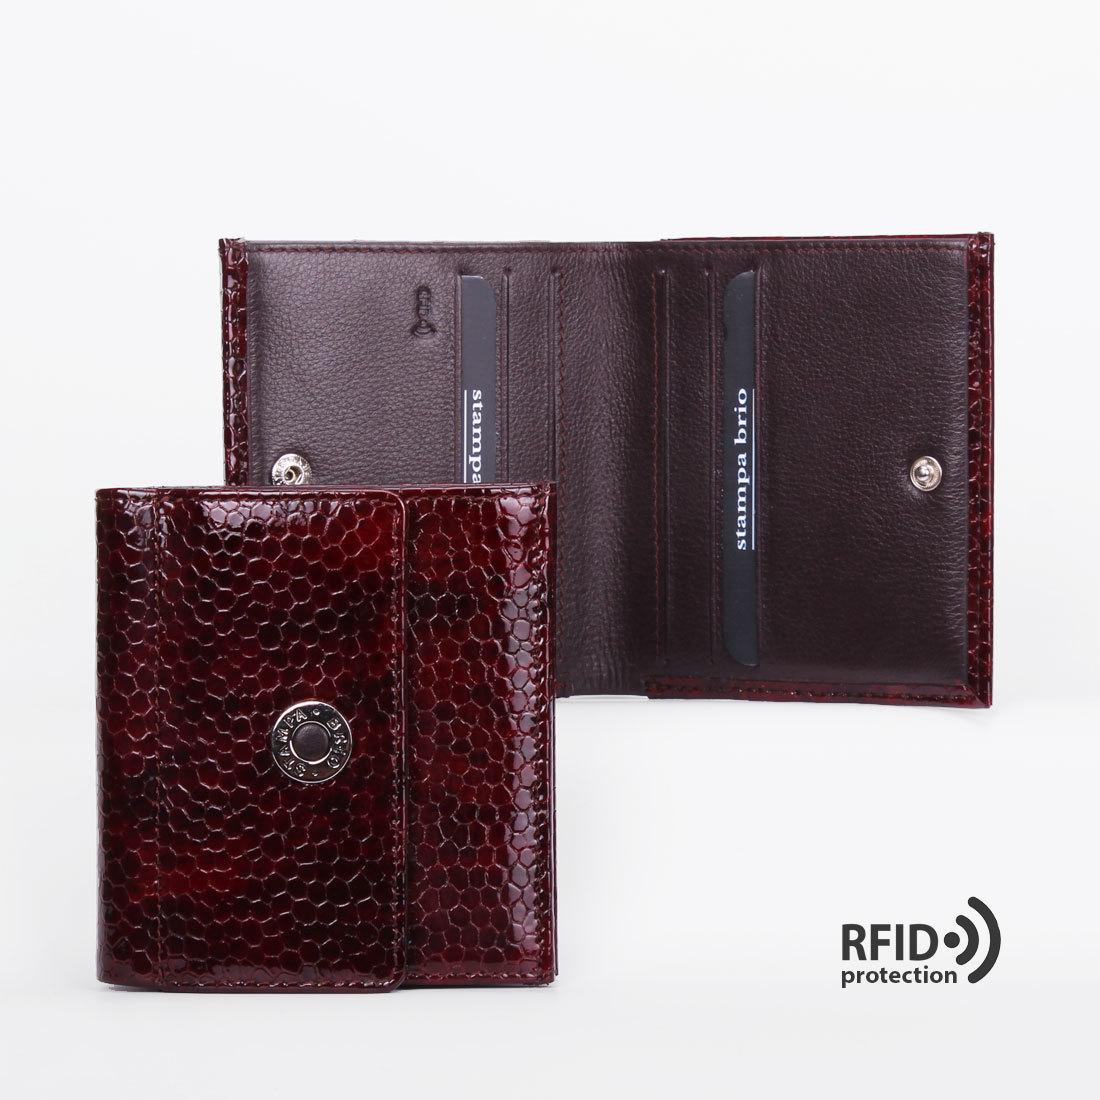 905 R - Портмоне с RFID защитой